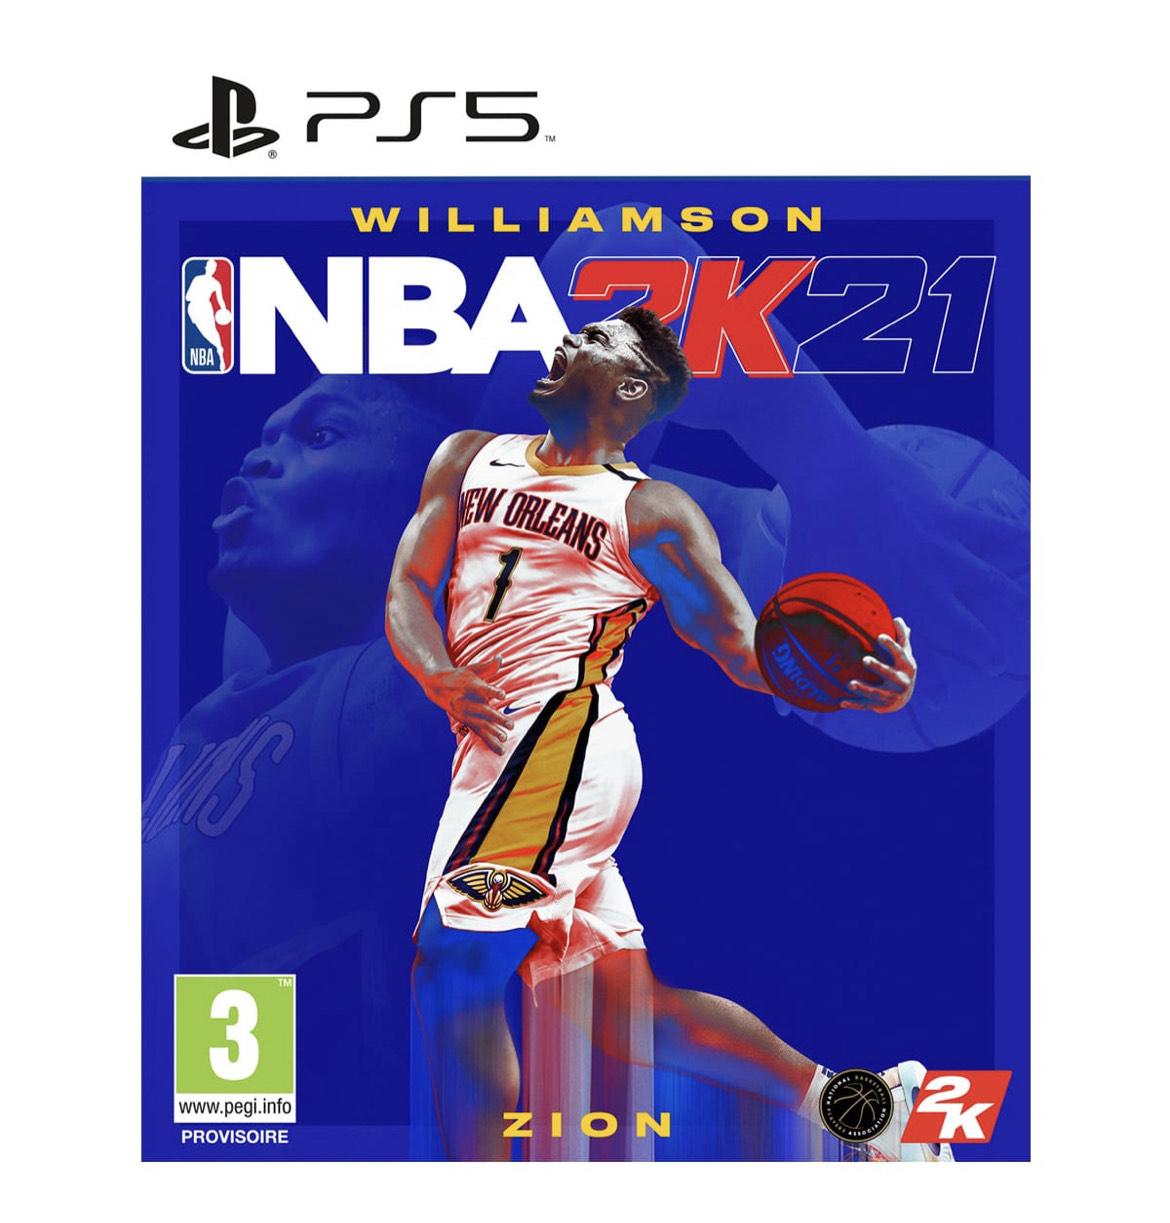 Jeu NBA 2k21 sur PS5